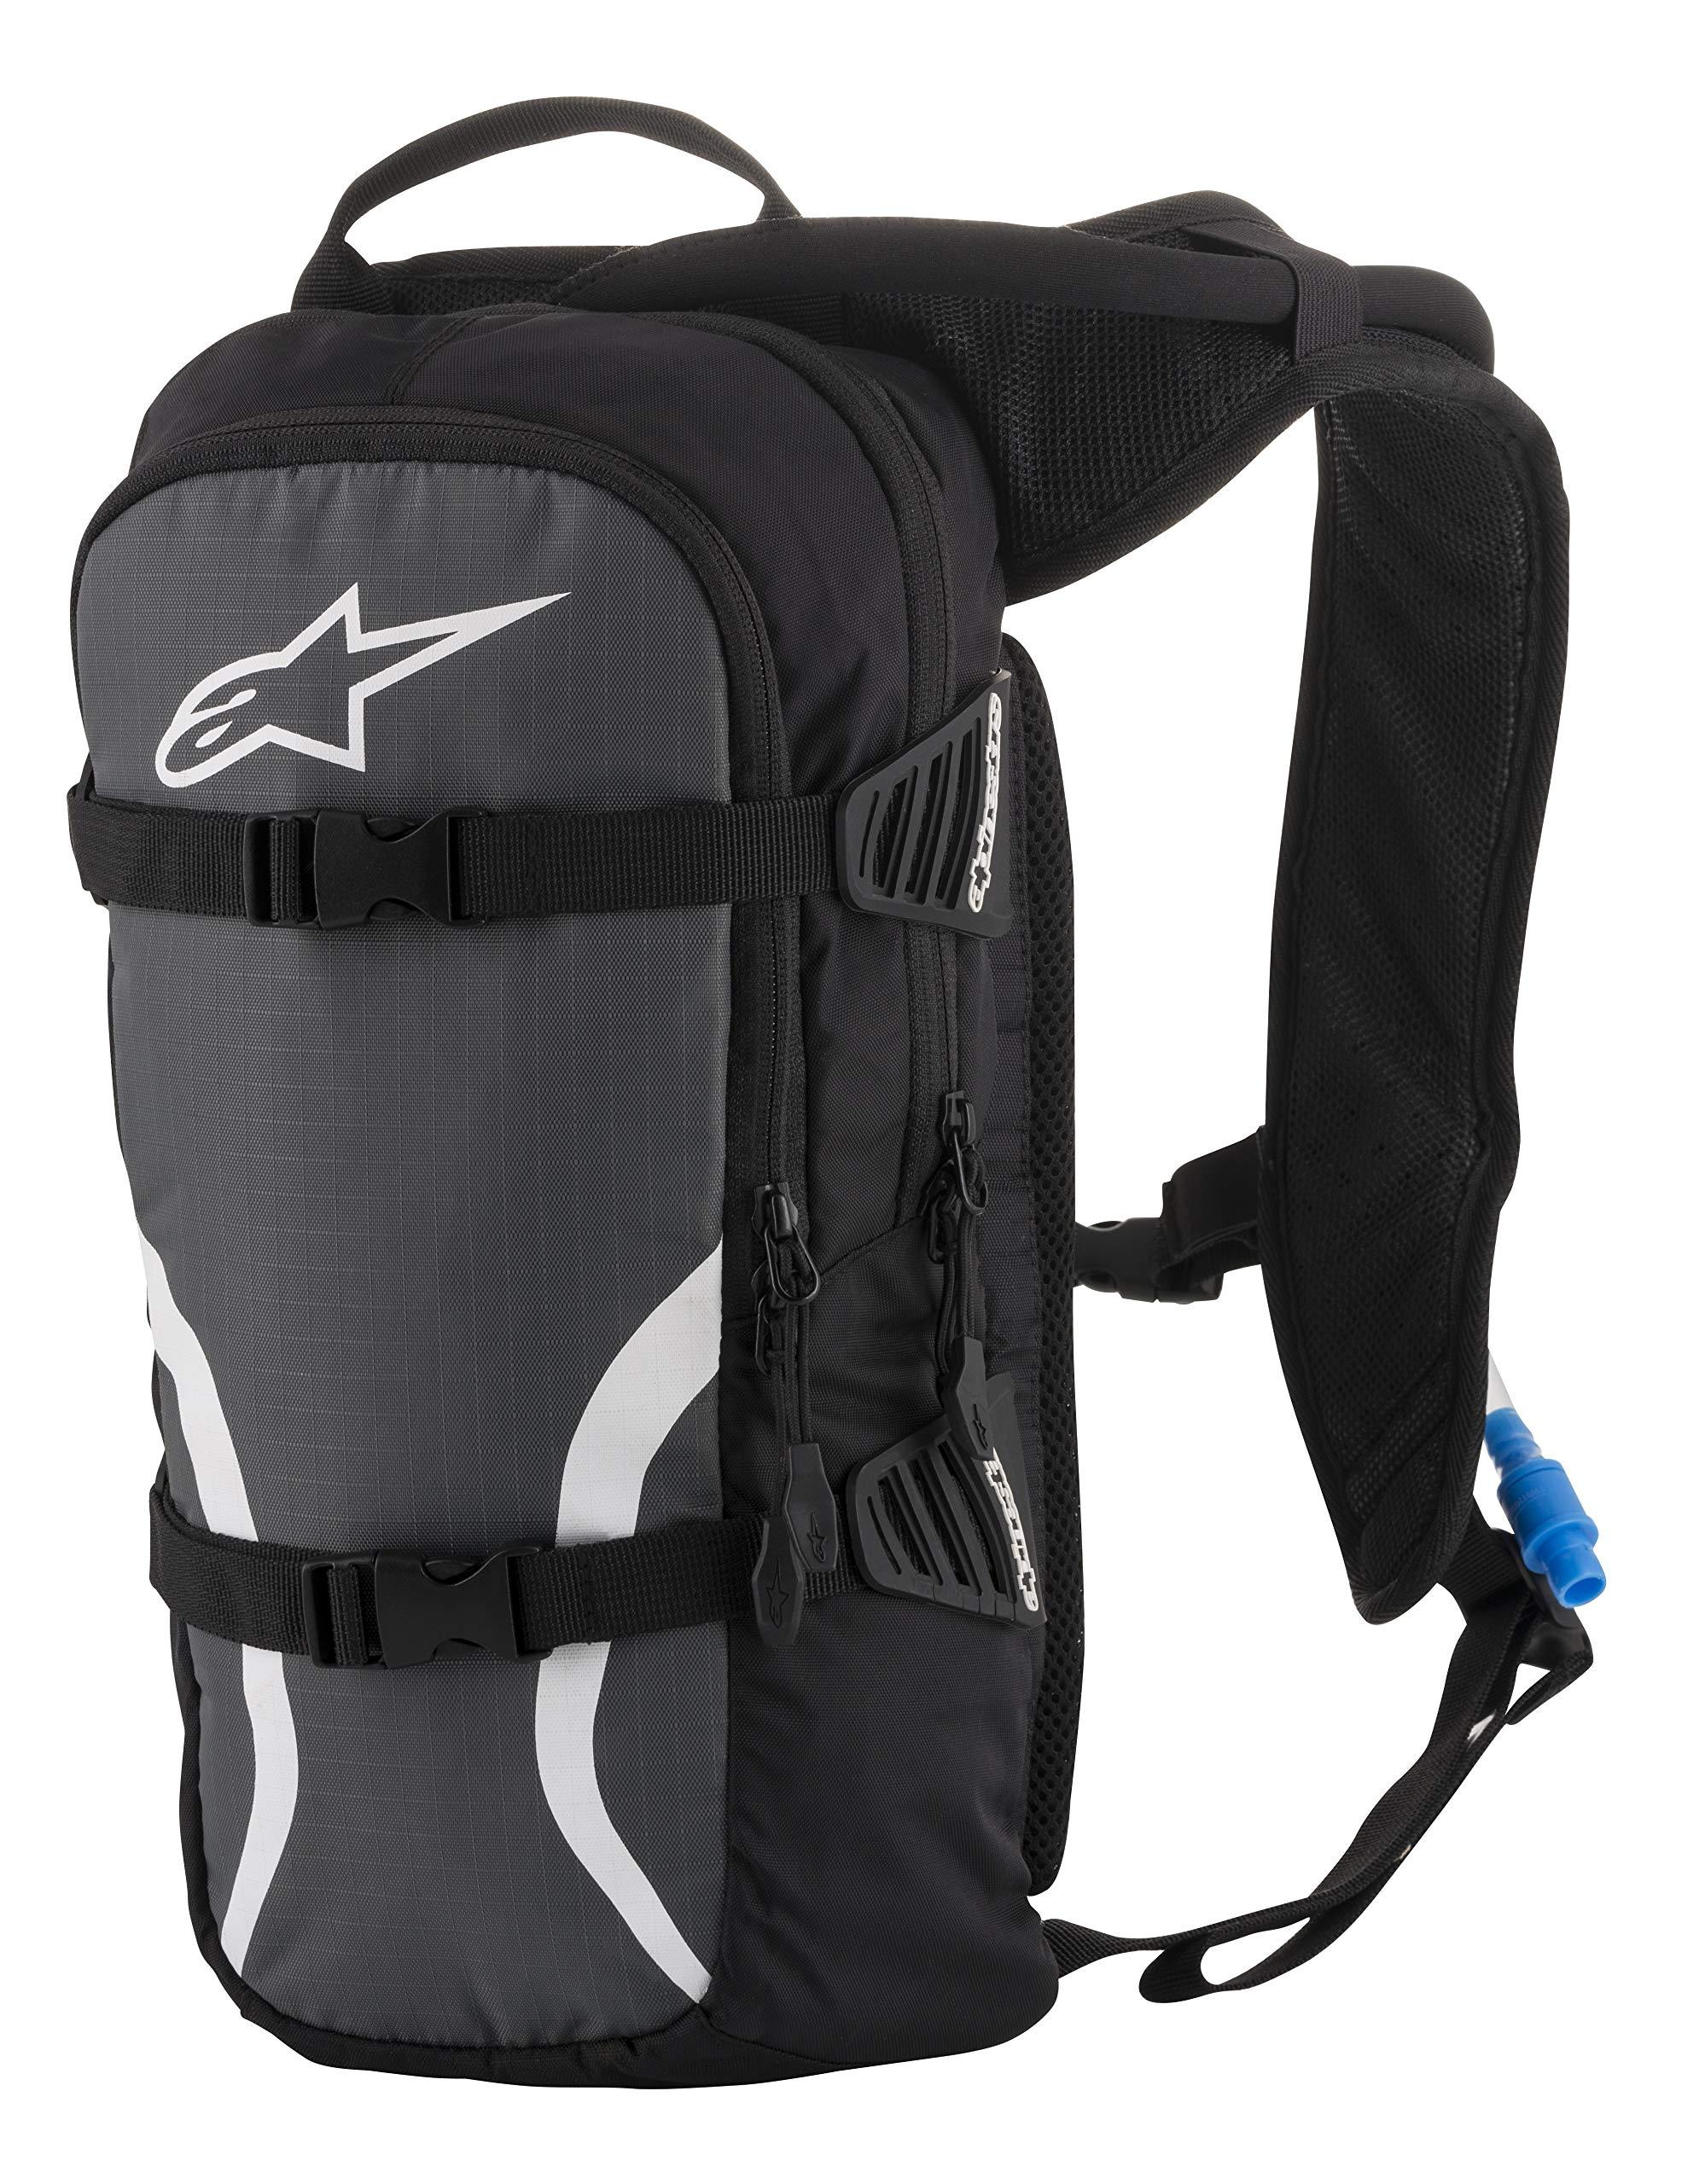 Iguana Hydration Backpack (One Size, Black Anthracite White)